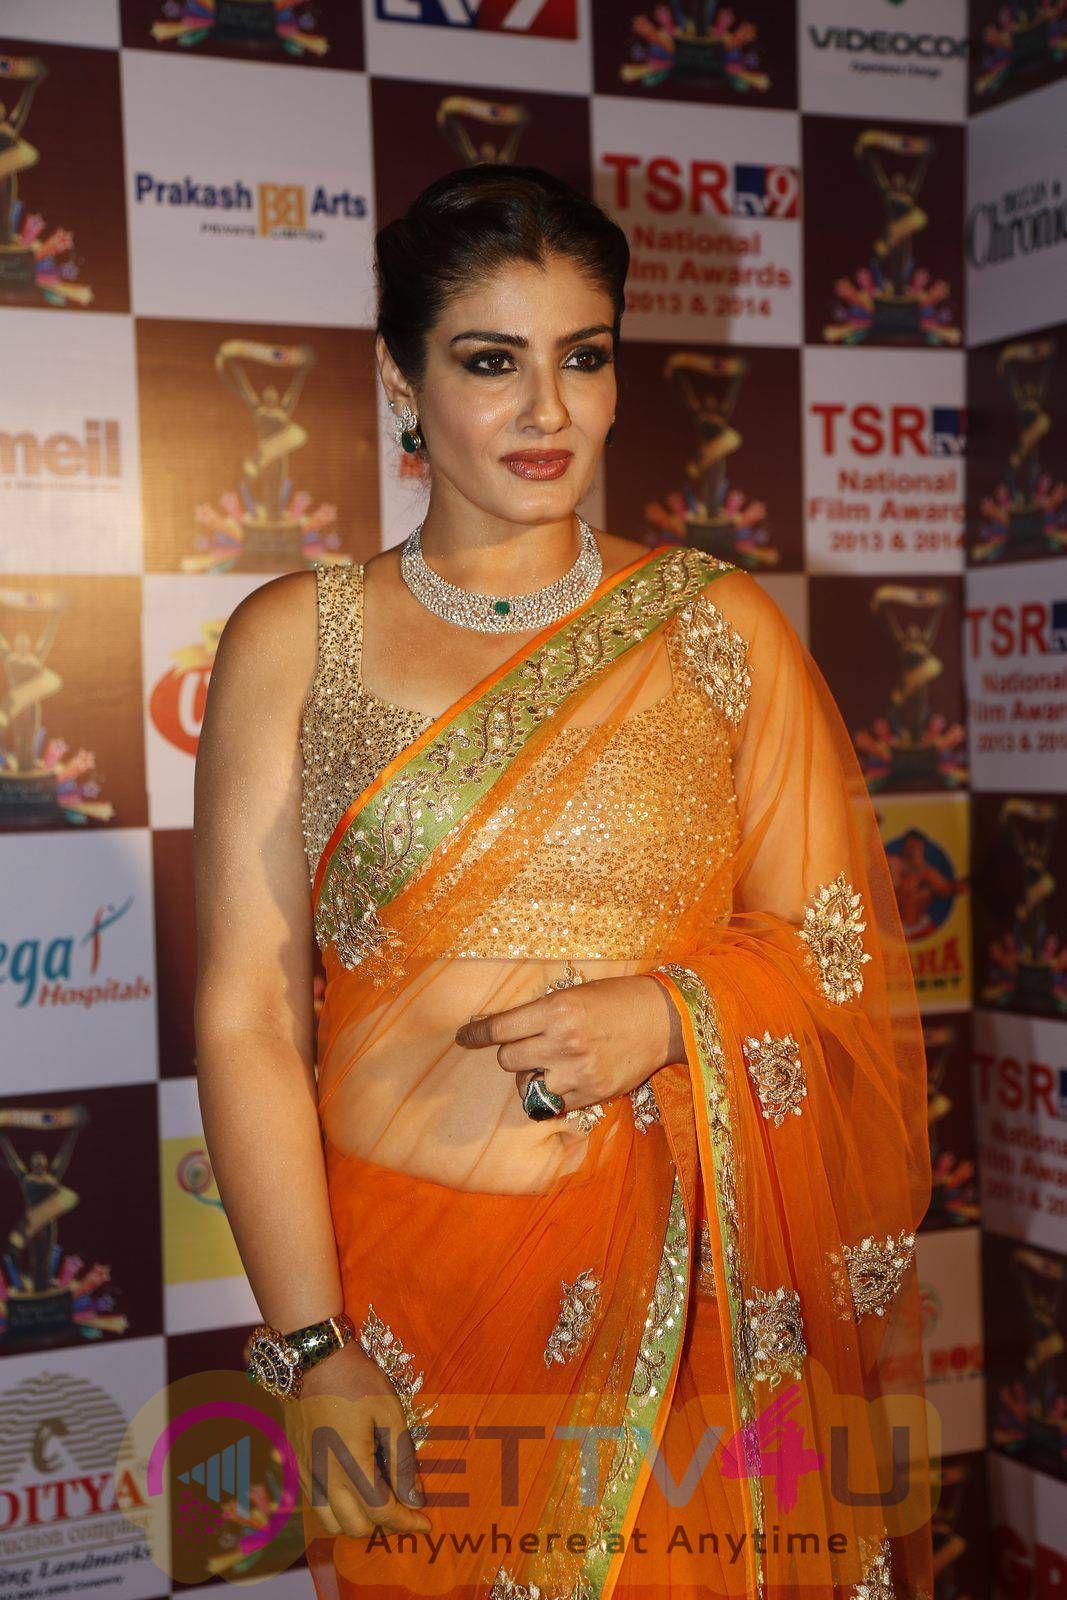 Actress Raveena Tandon In TSR TV9 National Film Awards Photos